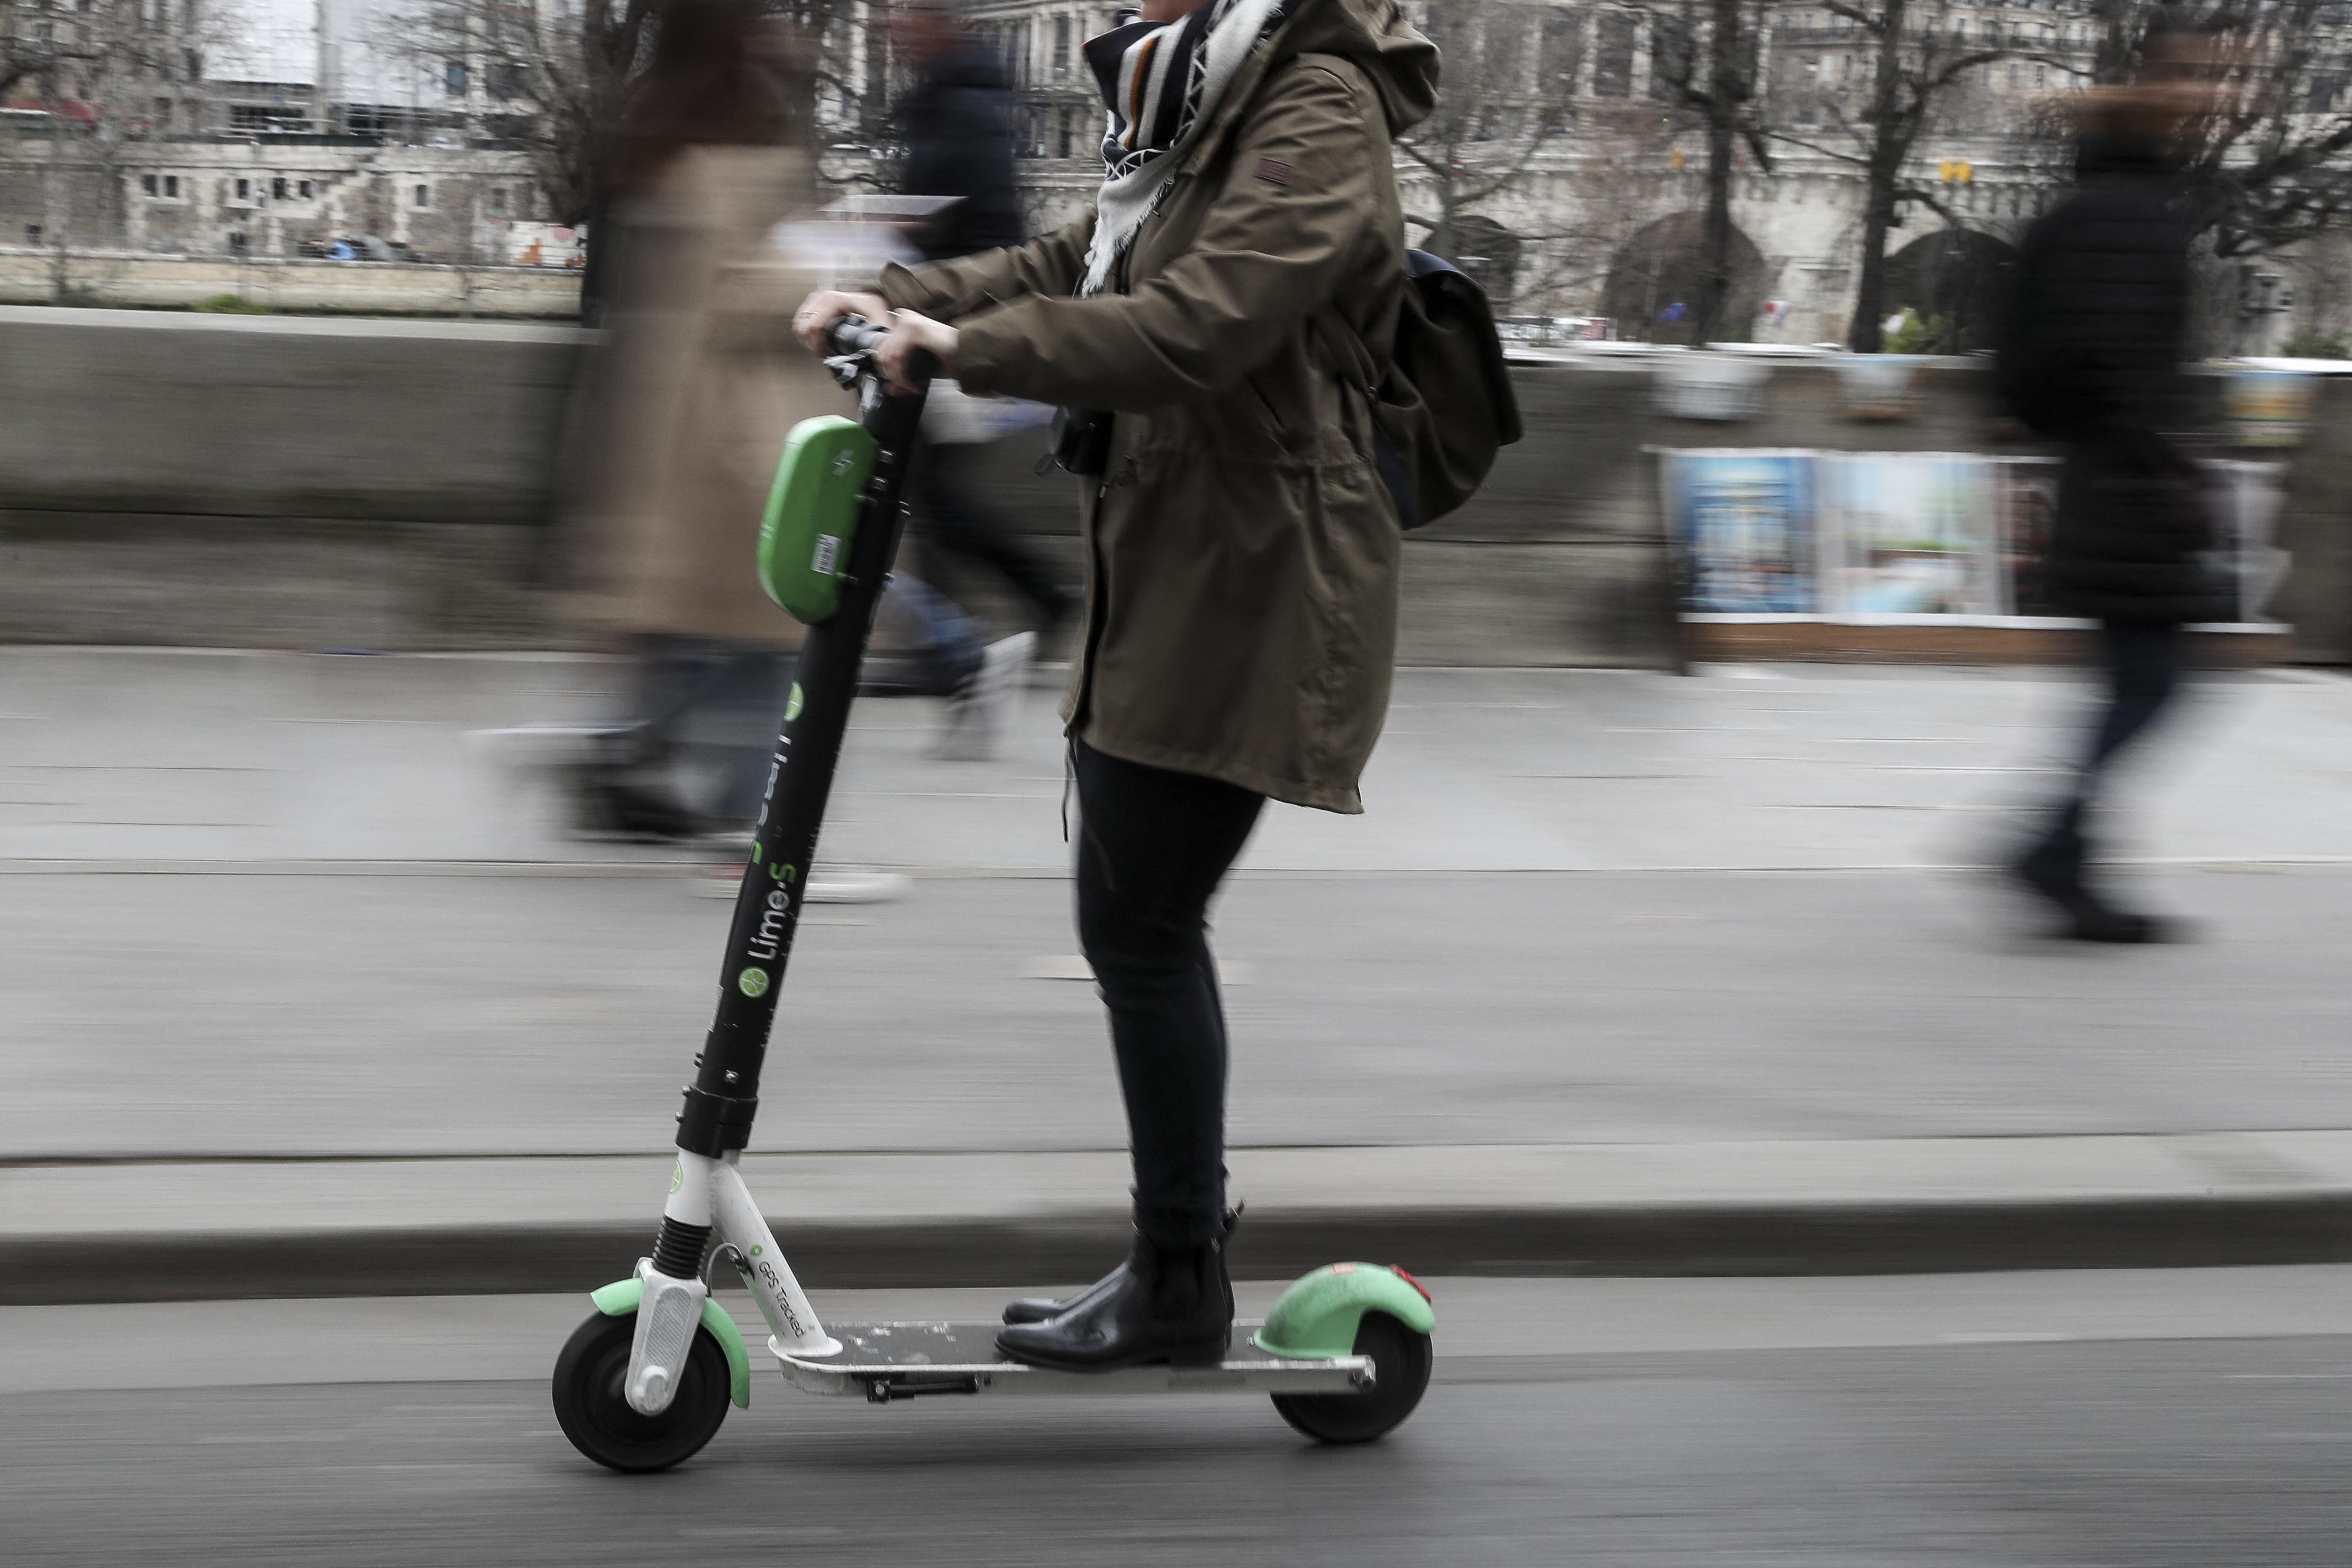 Őrizetbe vettek két rolleres nőt Párizsban, mert elütöttek egy embert, aki később belehalt a sérüléseibe